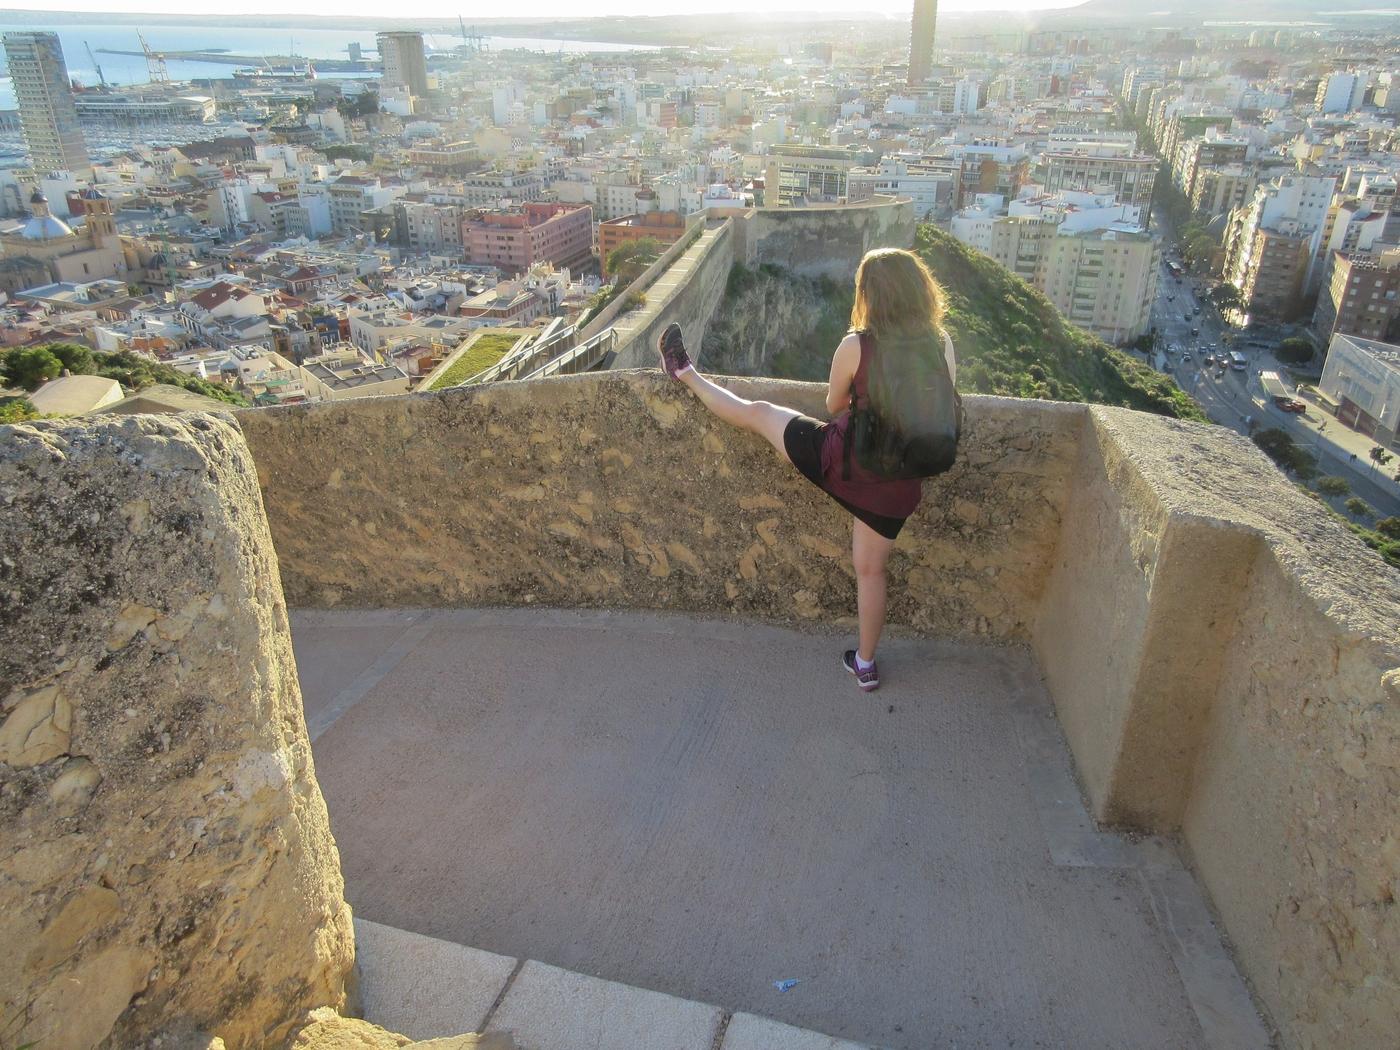 Reissaaminen ja kiitollisuus – 5 asiaa joista olen kiitollinen joka päivä